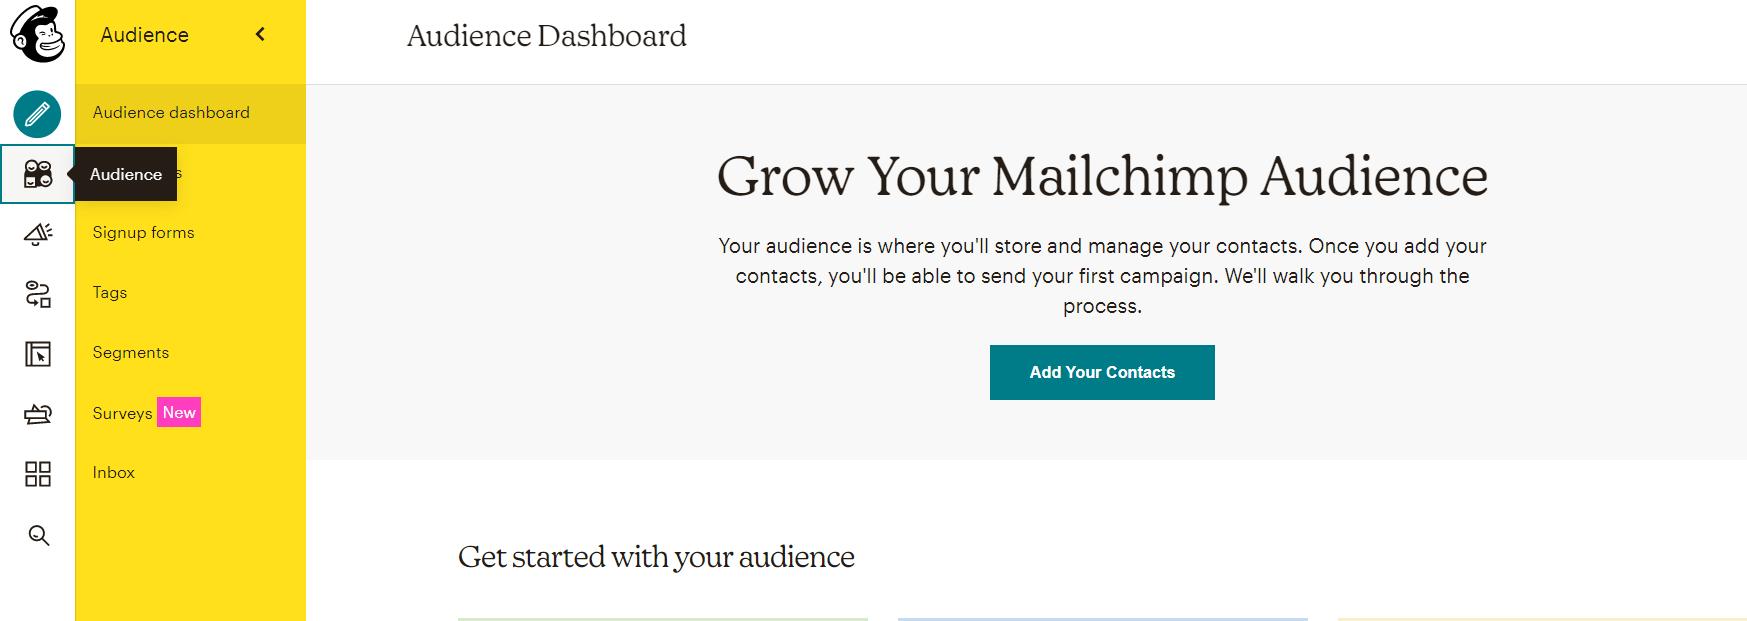 списки в мейлчимп бесплатная email-рассылка